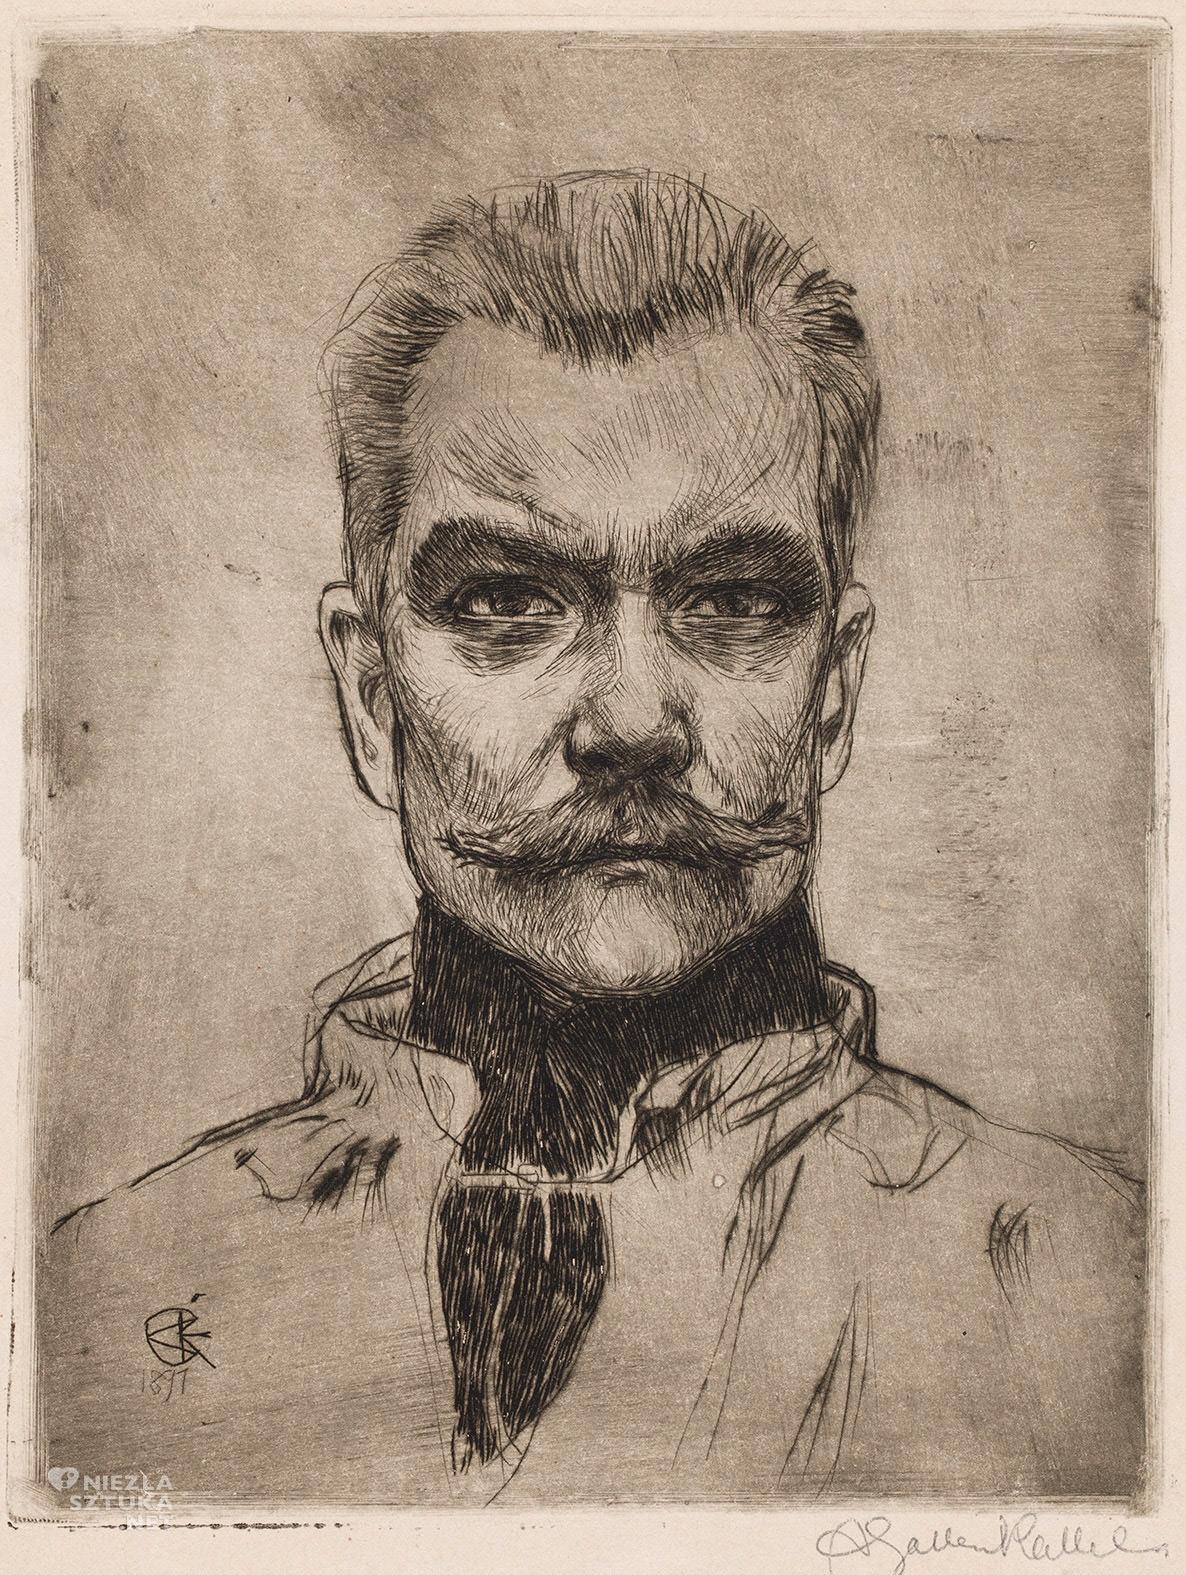 Akseli Gallen-Kallela, Autoportret, en face, sztuka fińska, autoportret artysty, sztuka europejska, Niezła Sztuka